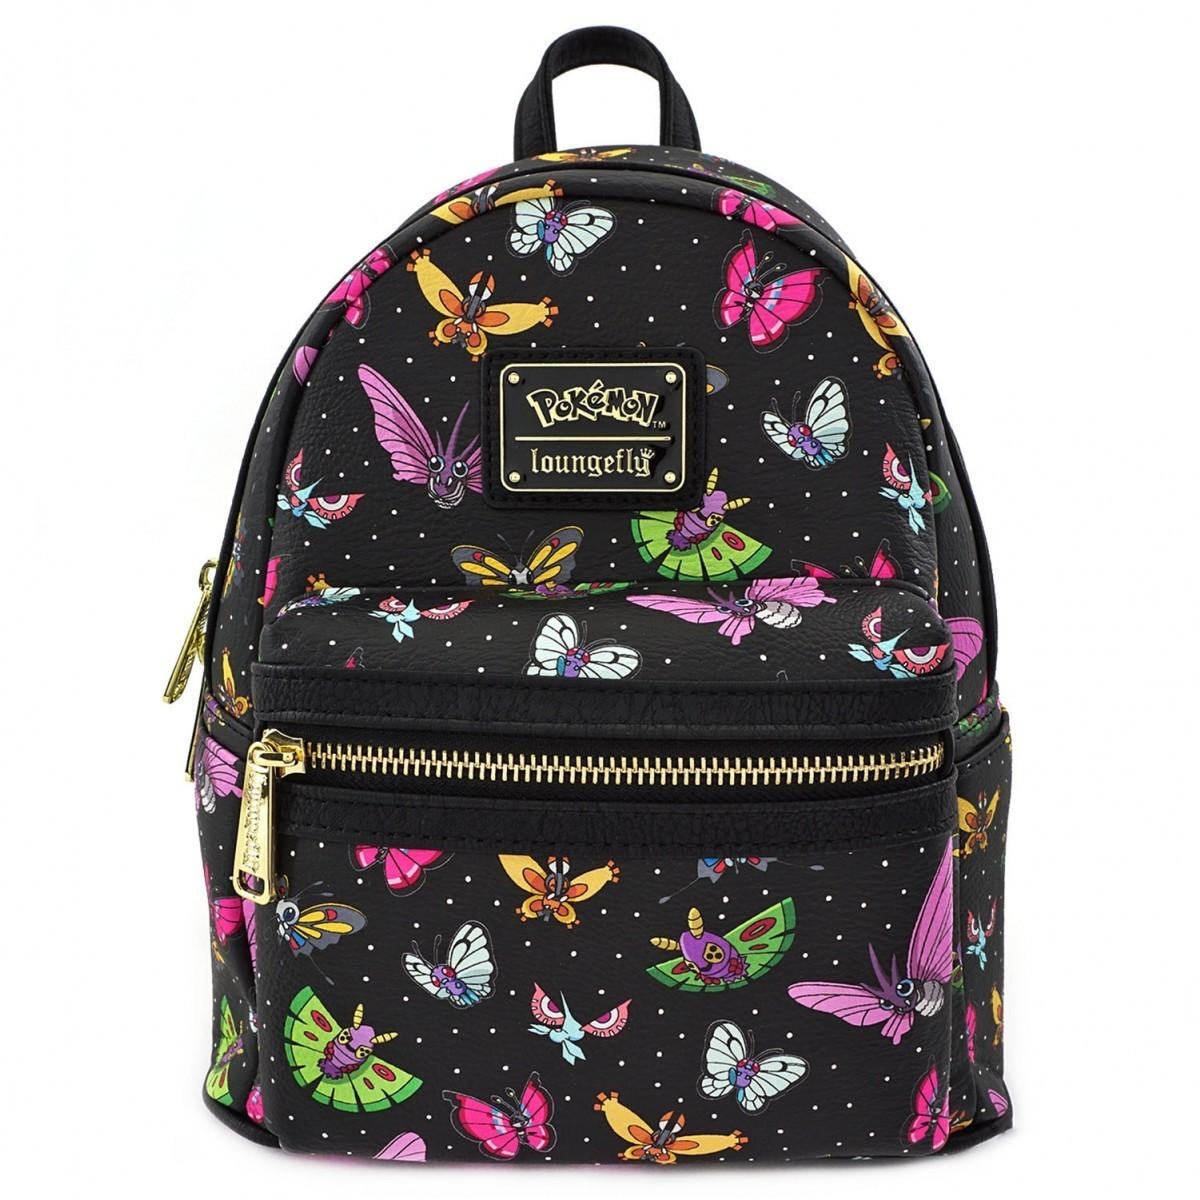 Bolsa Mochila Pokemon Mariposas